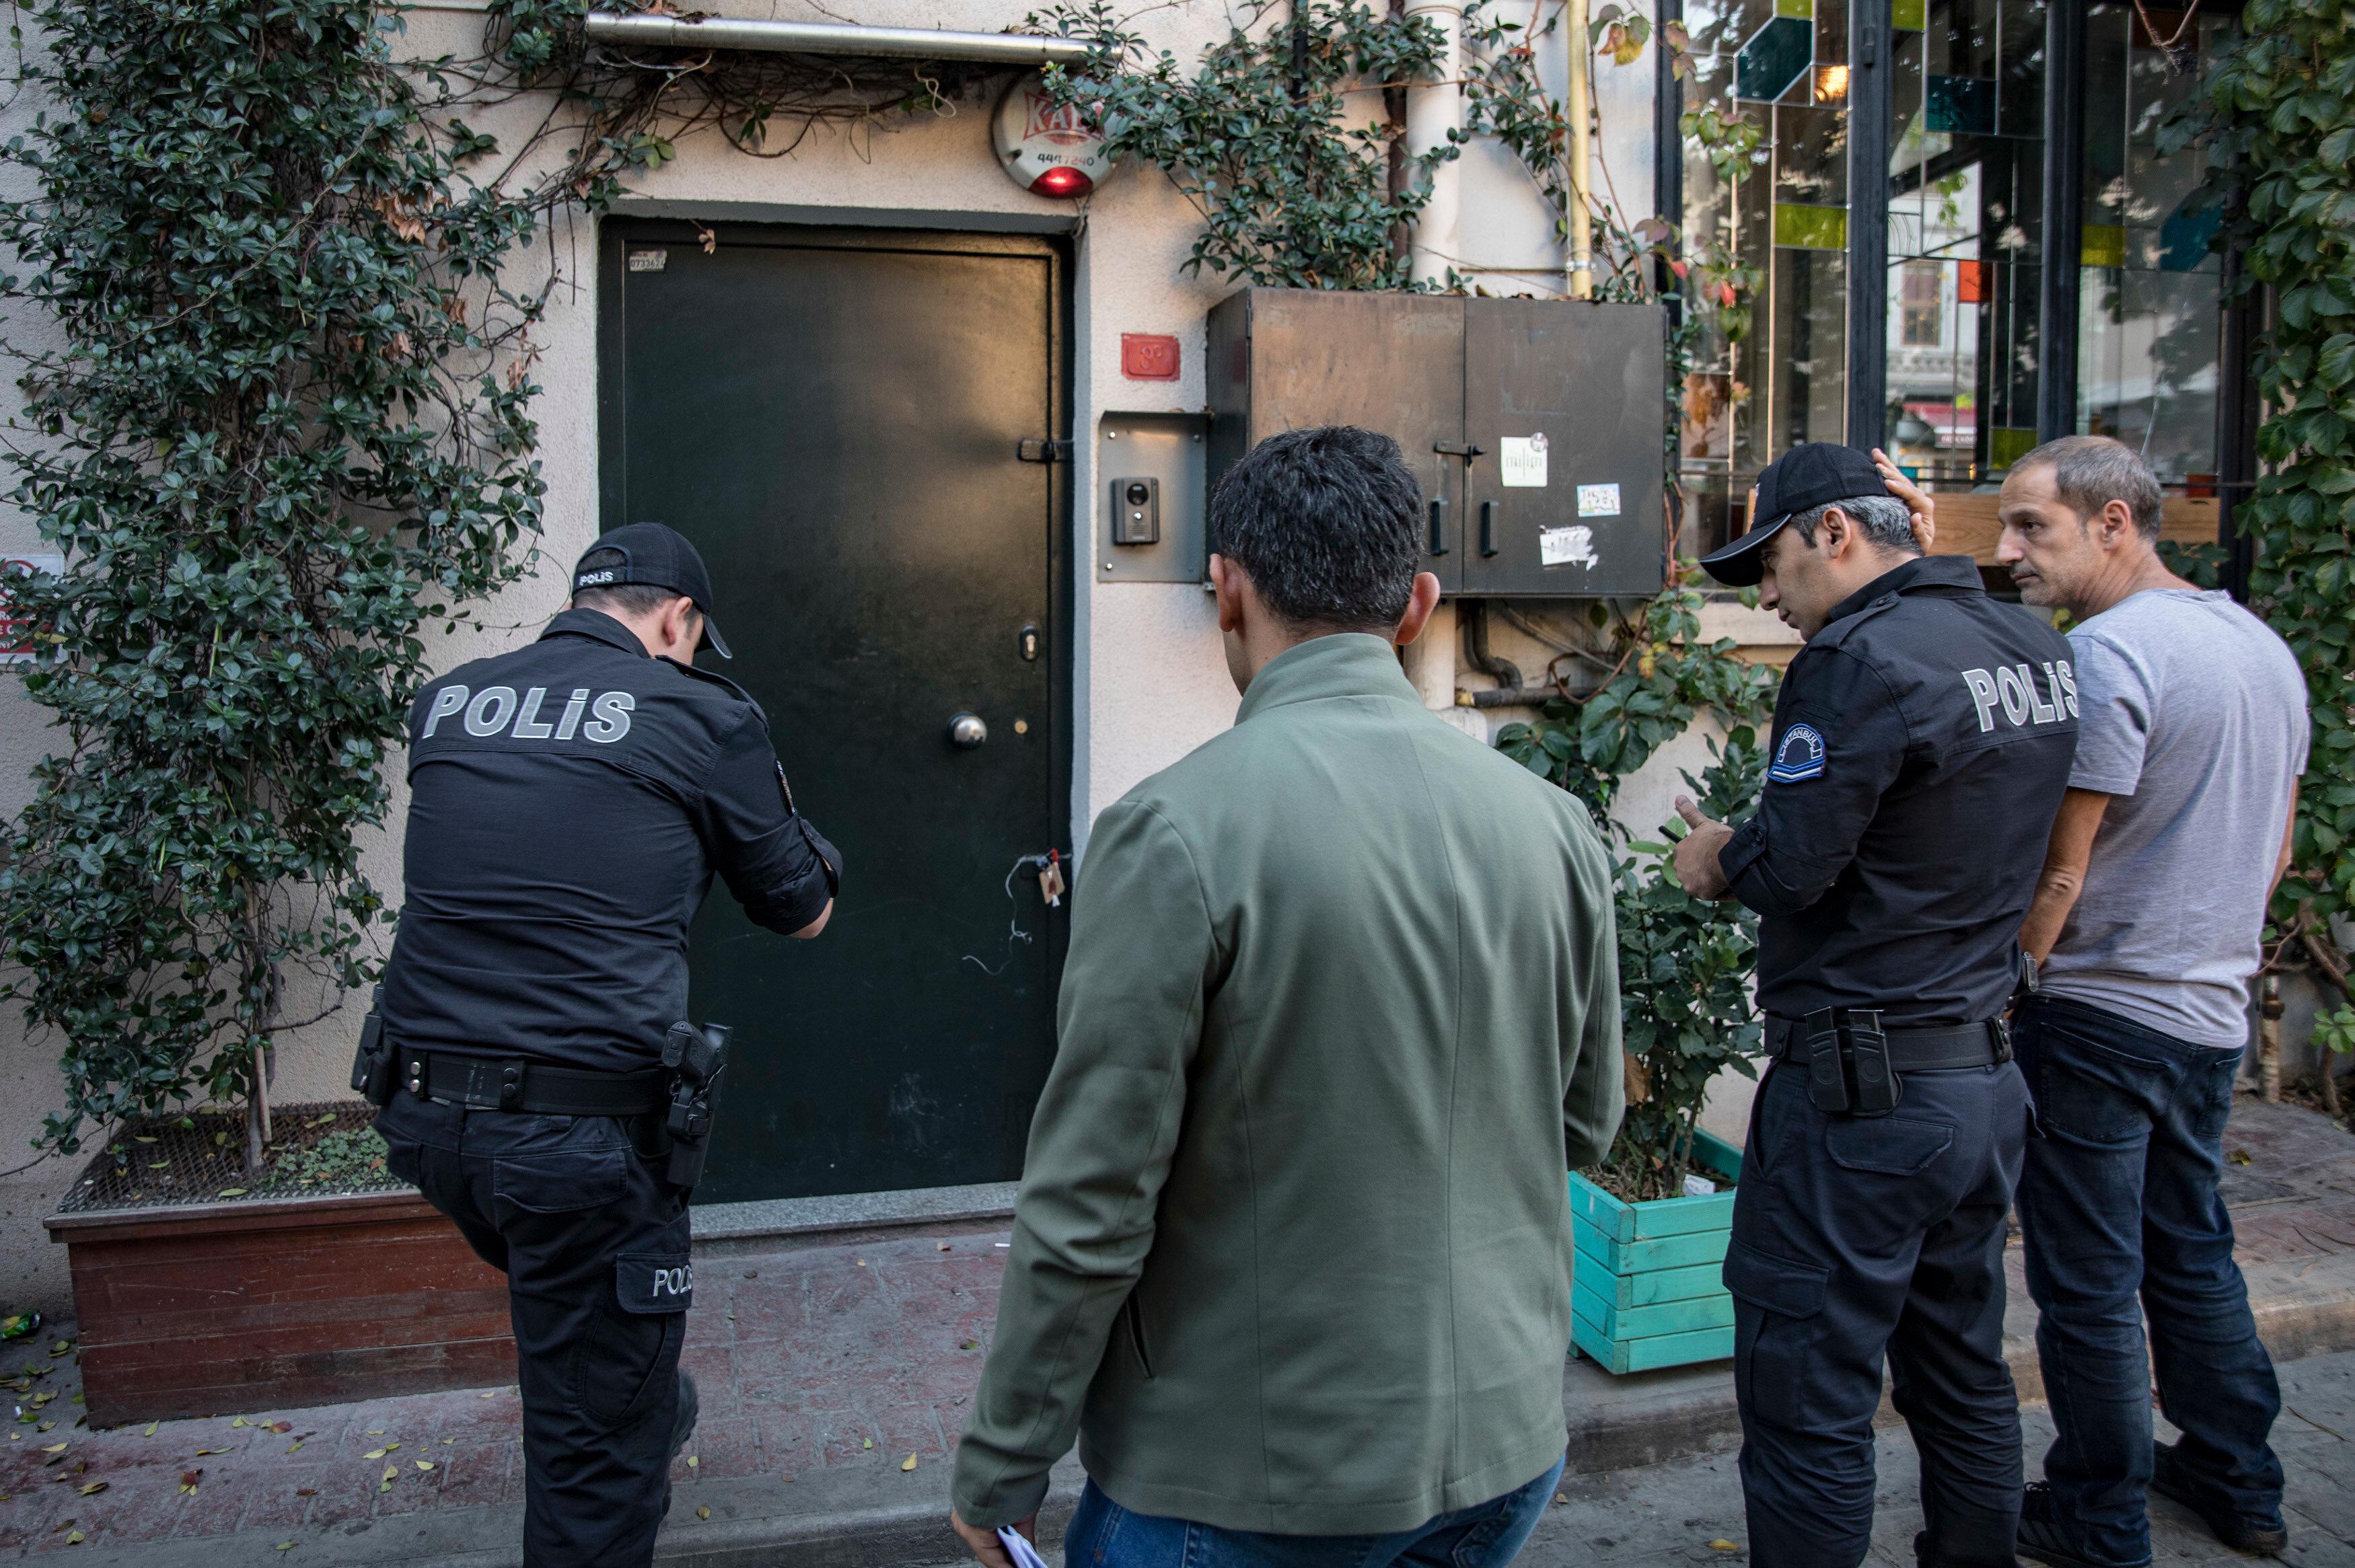 Olayın ardından polis ekiplerinin, Le Mesurier'in yaşadığı evde yaptığı araştırmada harita ve krokiler bulunduğu ileri sürüldü.